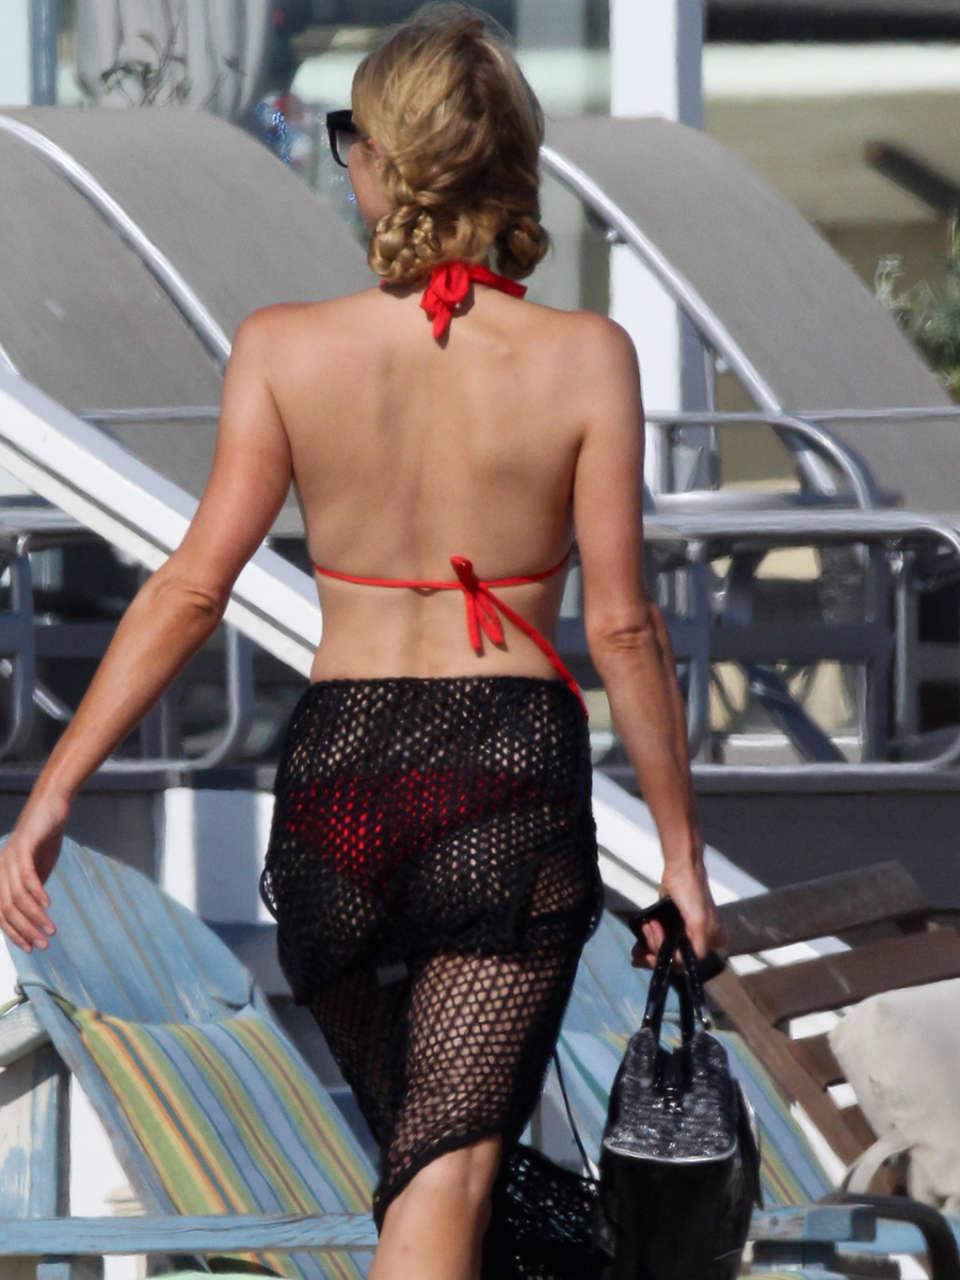 Paris hilton in a red bikini